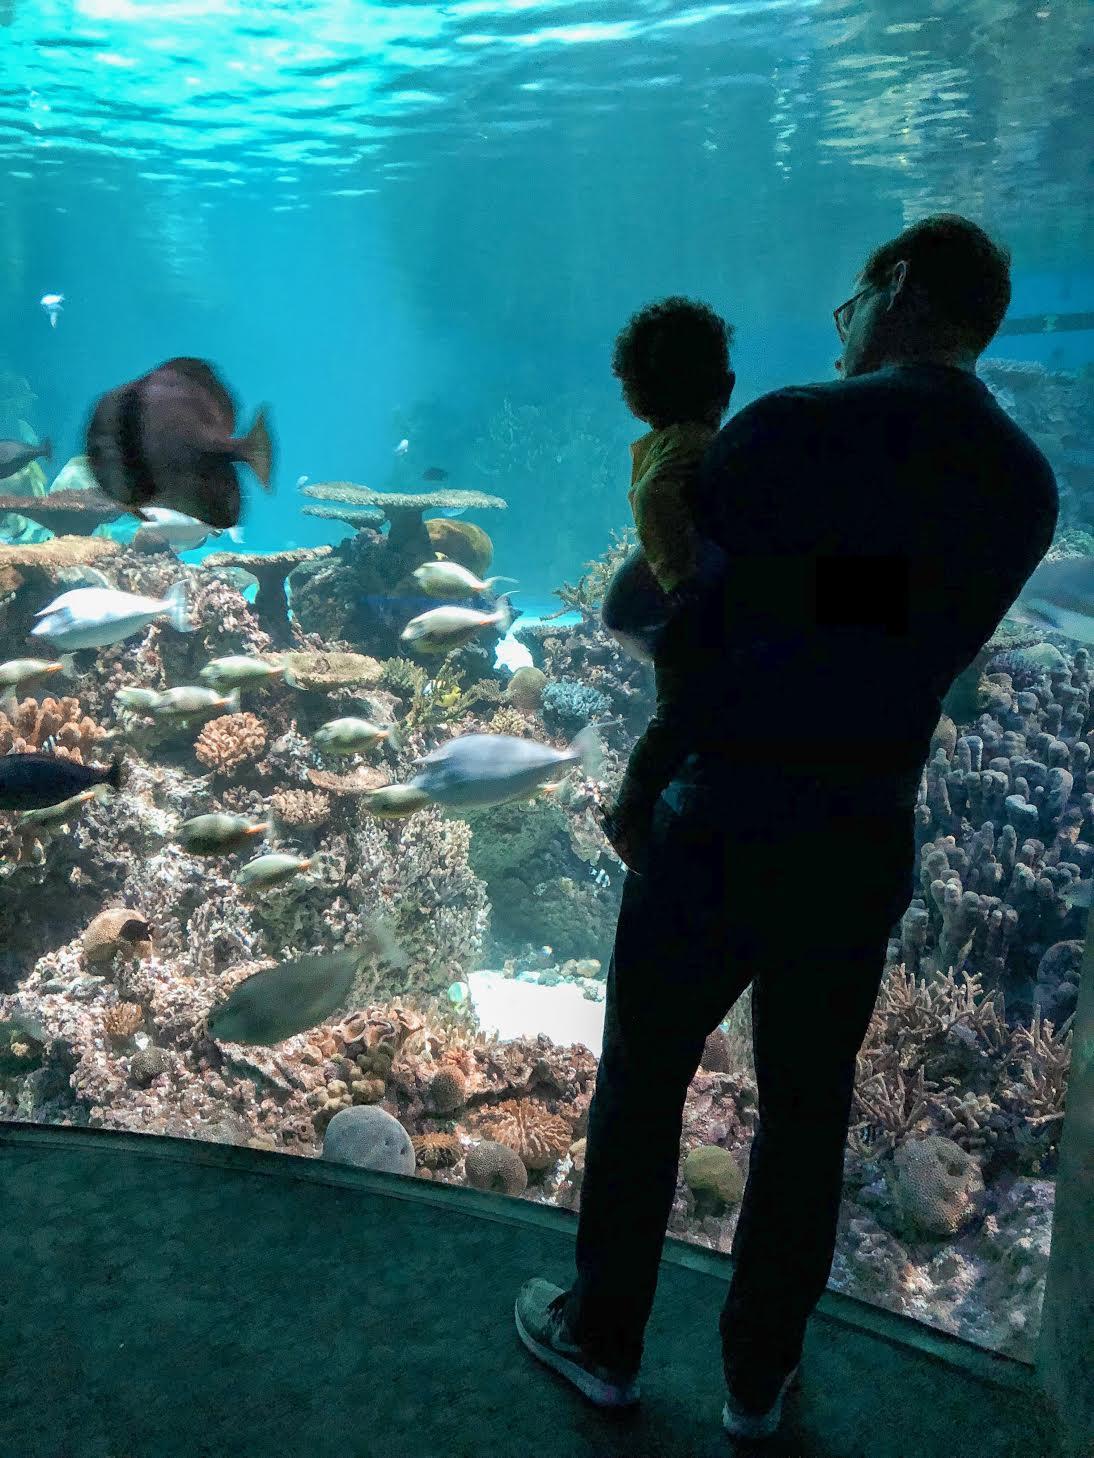 The National Aquarium - Baltimore, MD